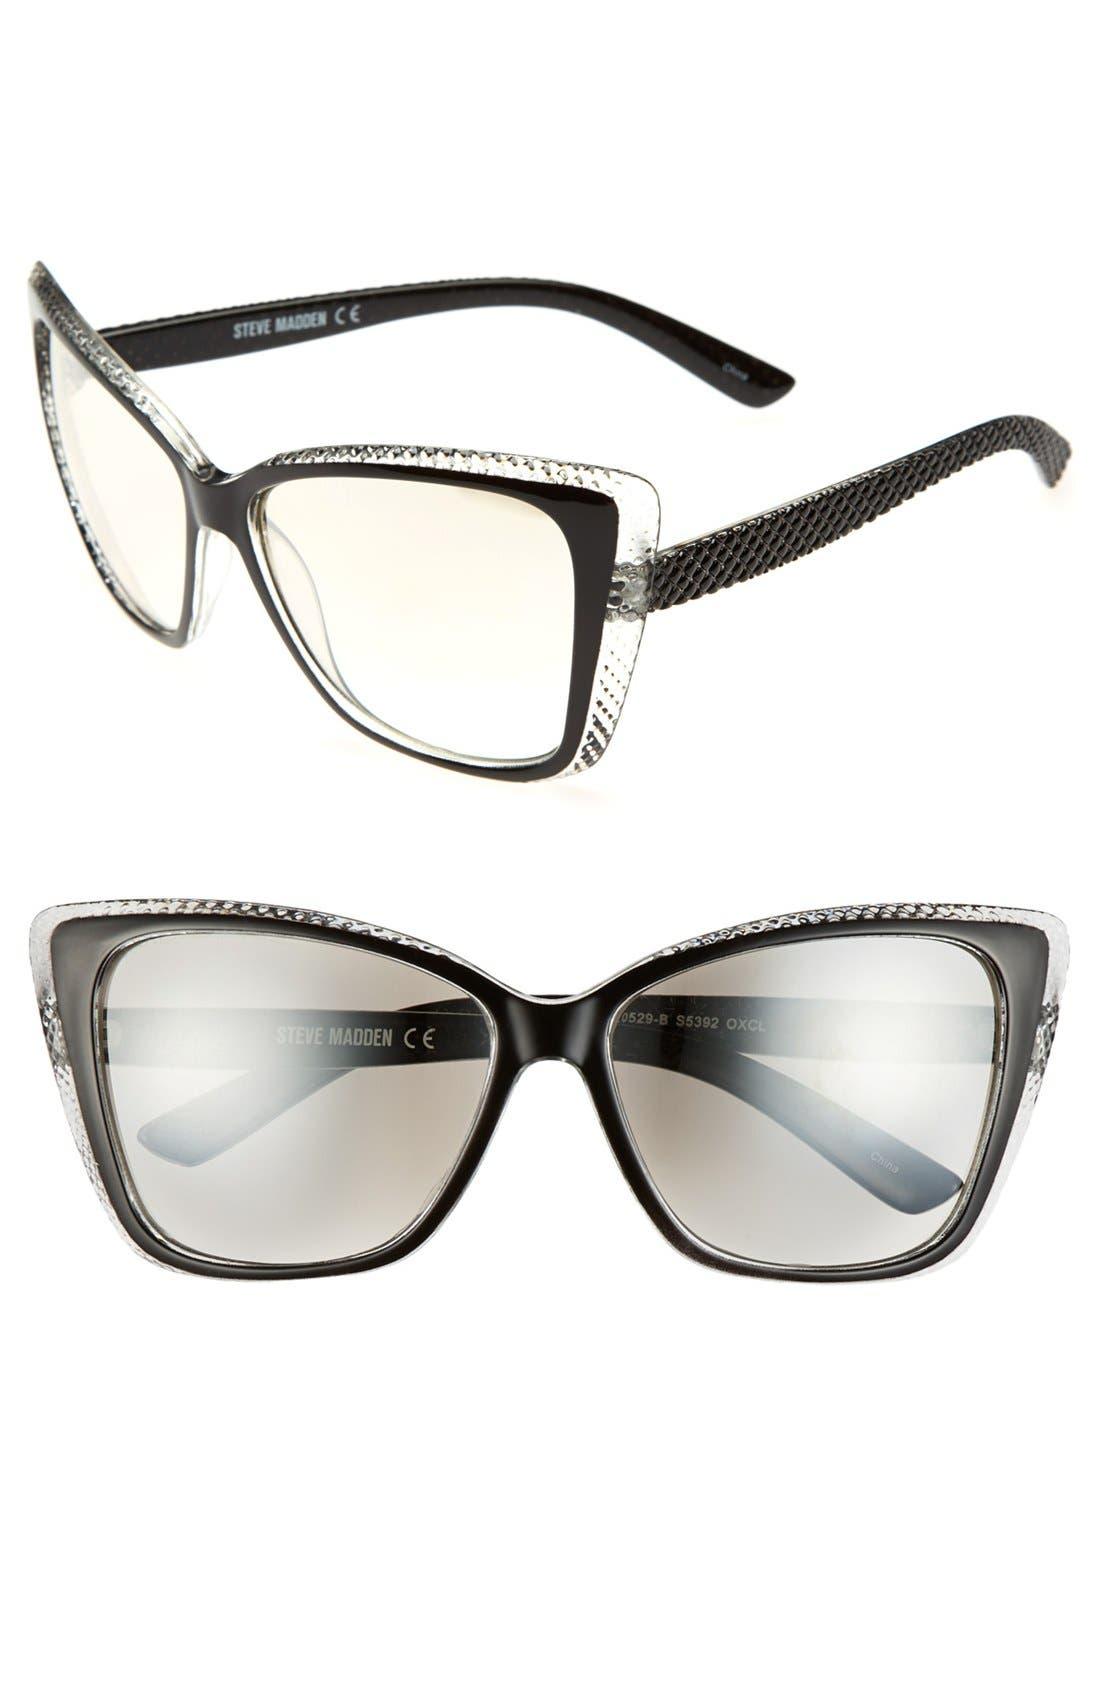 Alternate Image 1 Selected - Steve Madden 57mm Cat Eye Sunglasses